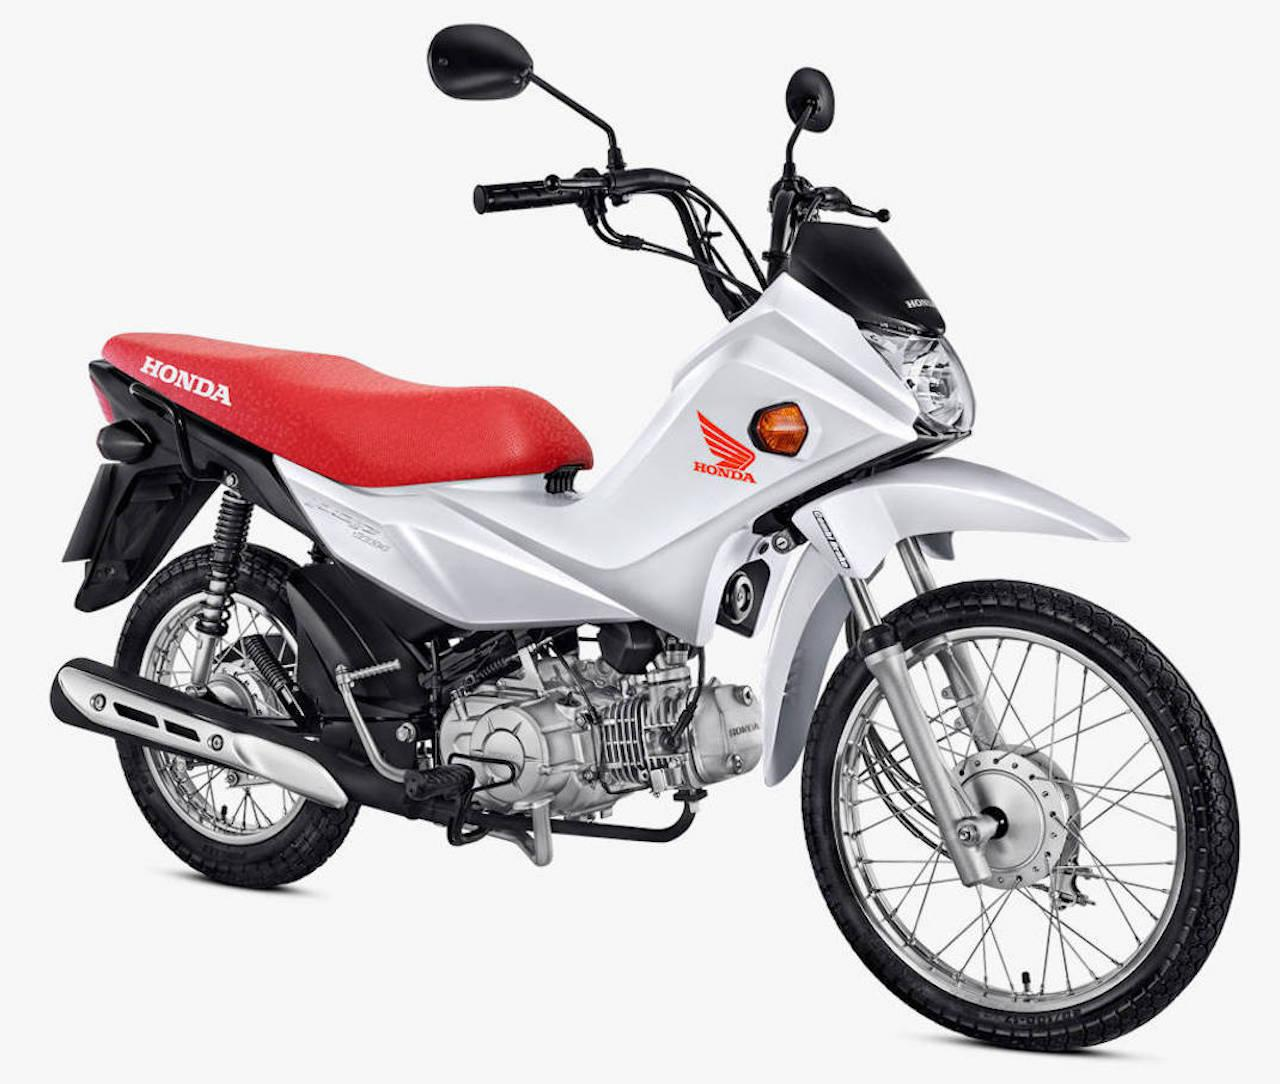 画像: Honda POP110i 総排気量:109cc エンジン形式:空冷4ストOHC2バルブ単気筒 シート高:749mm 乾燥重量:87kg